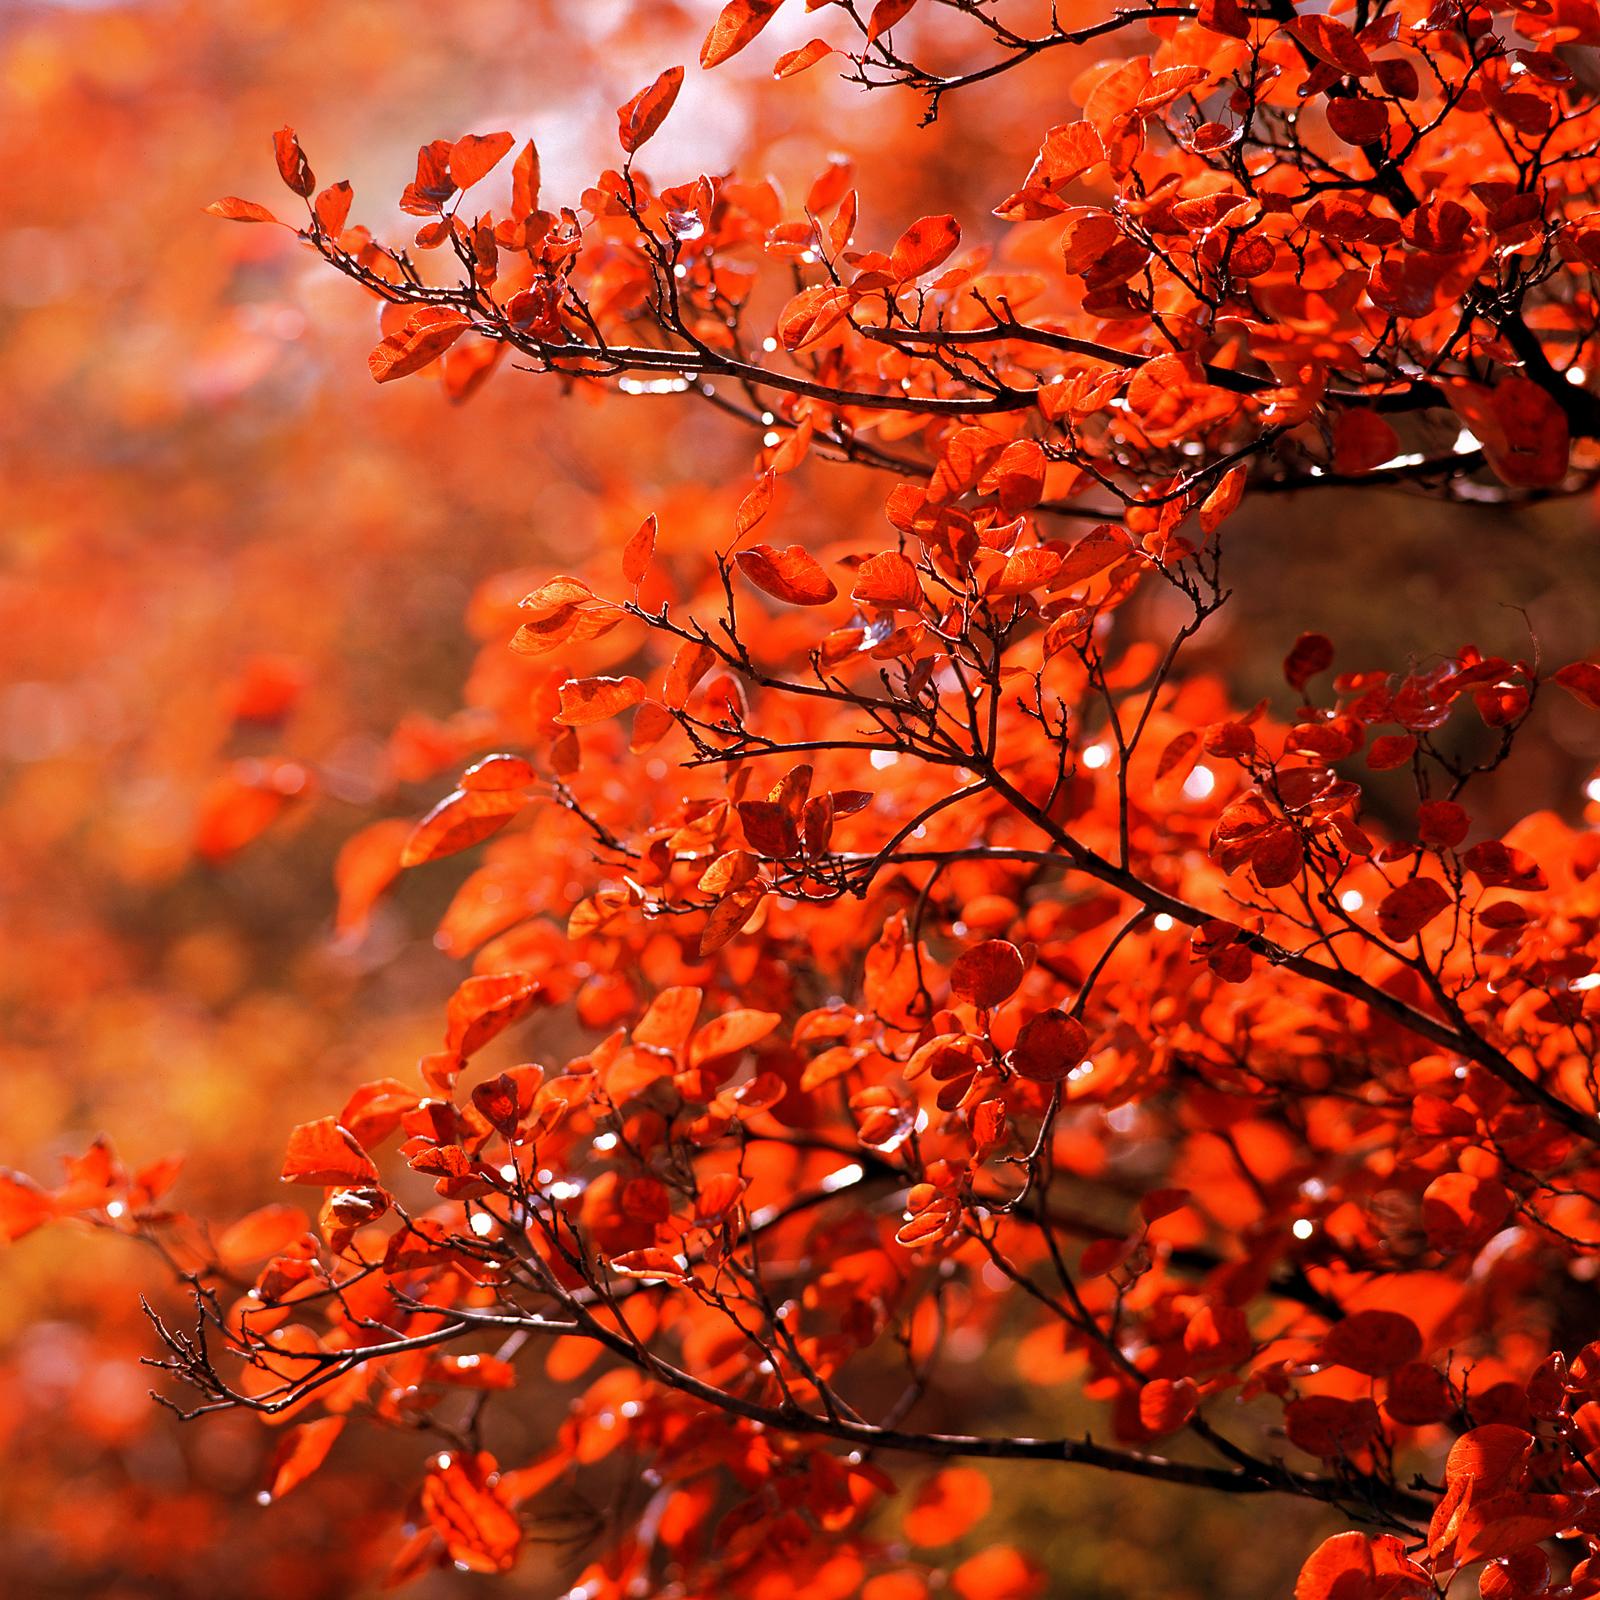 关于秋天树叶的诗句